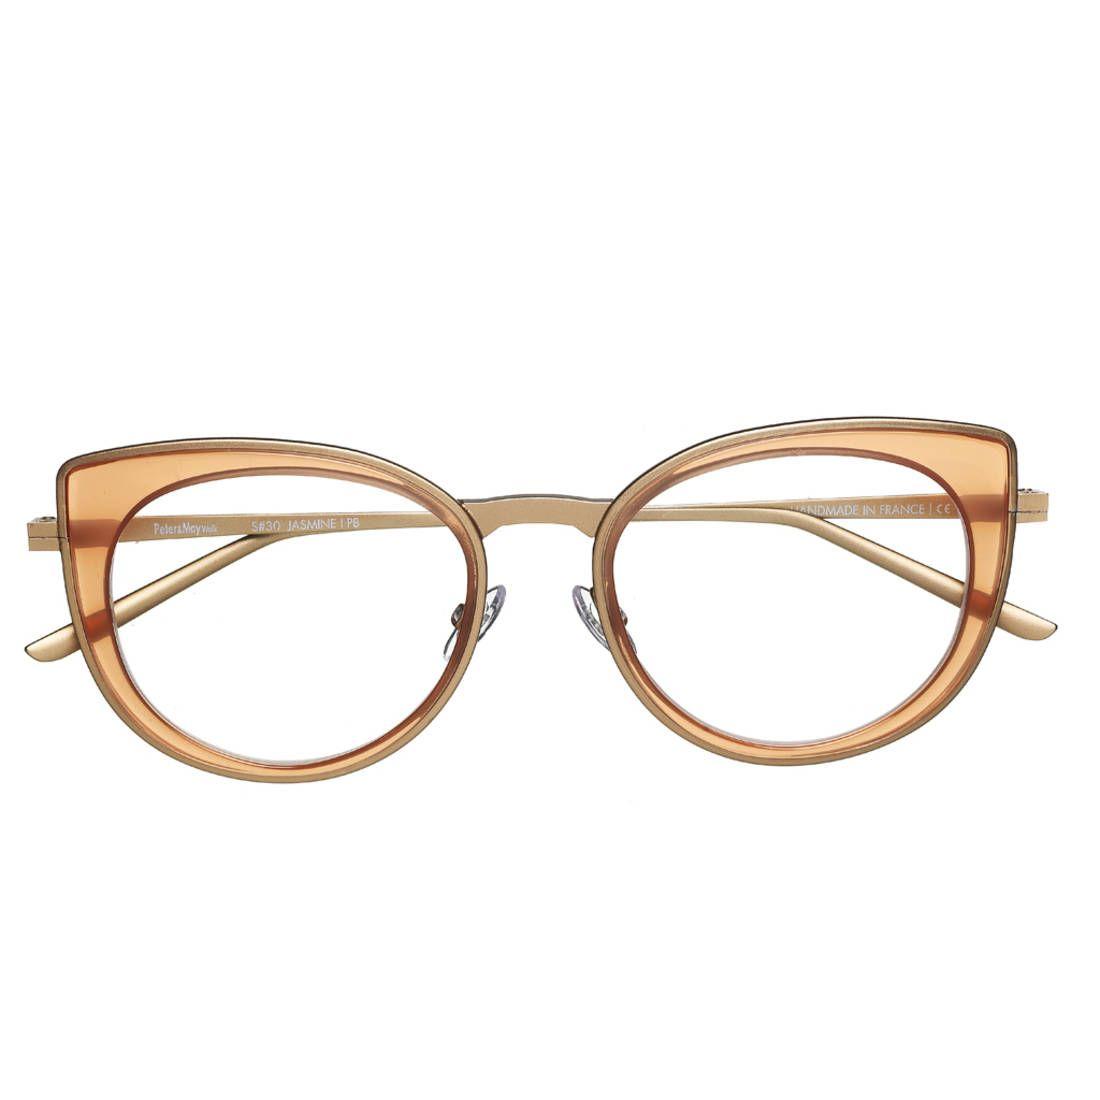 a55d80a699e2b Lunettes de vue Peter et May Walk chez Marc Le Bihan - 8 paires de lunettes  pour femmes qui nous font de l oeil - Elle